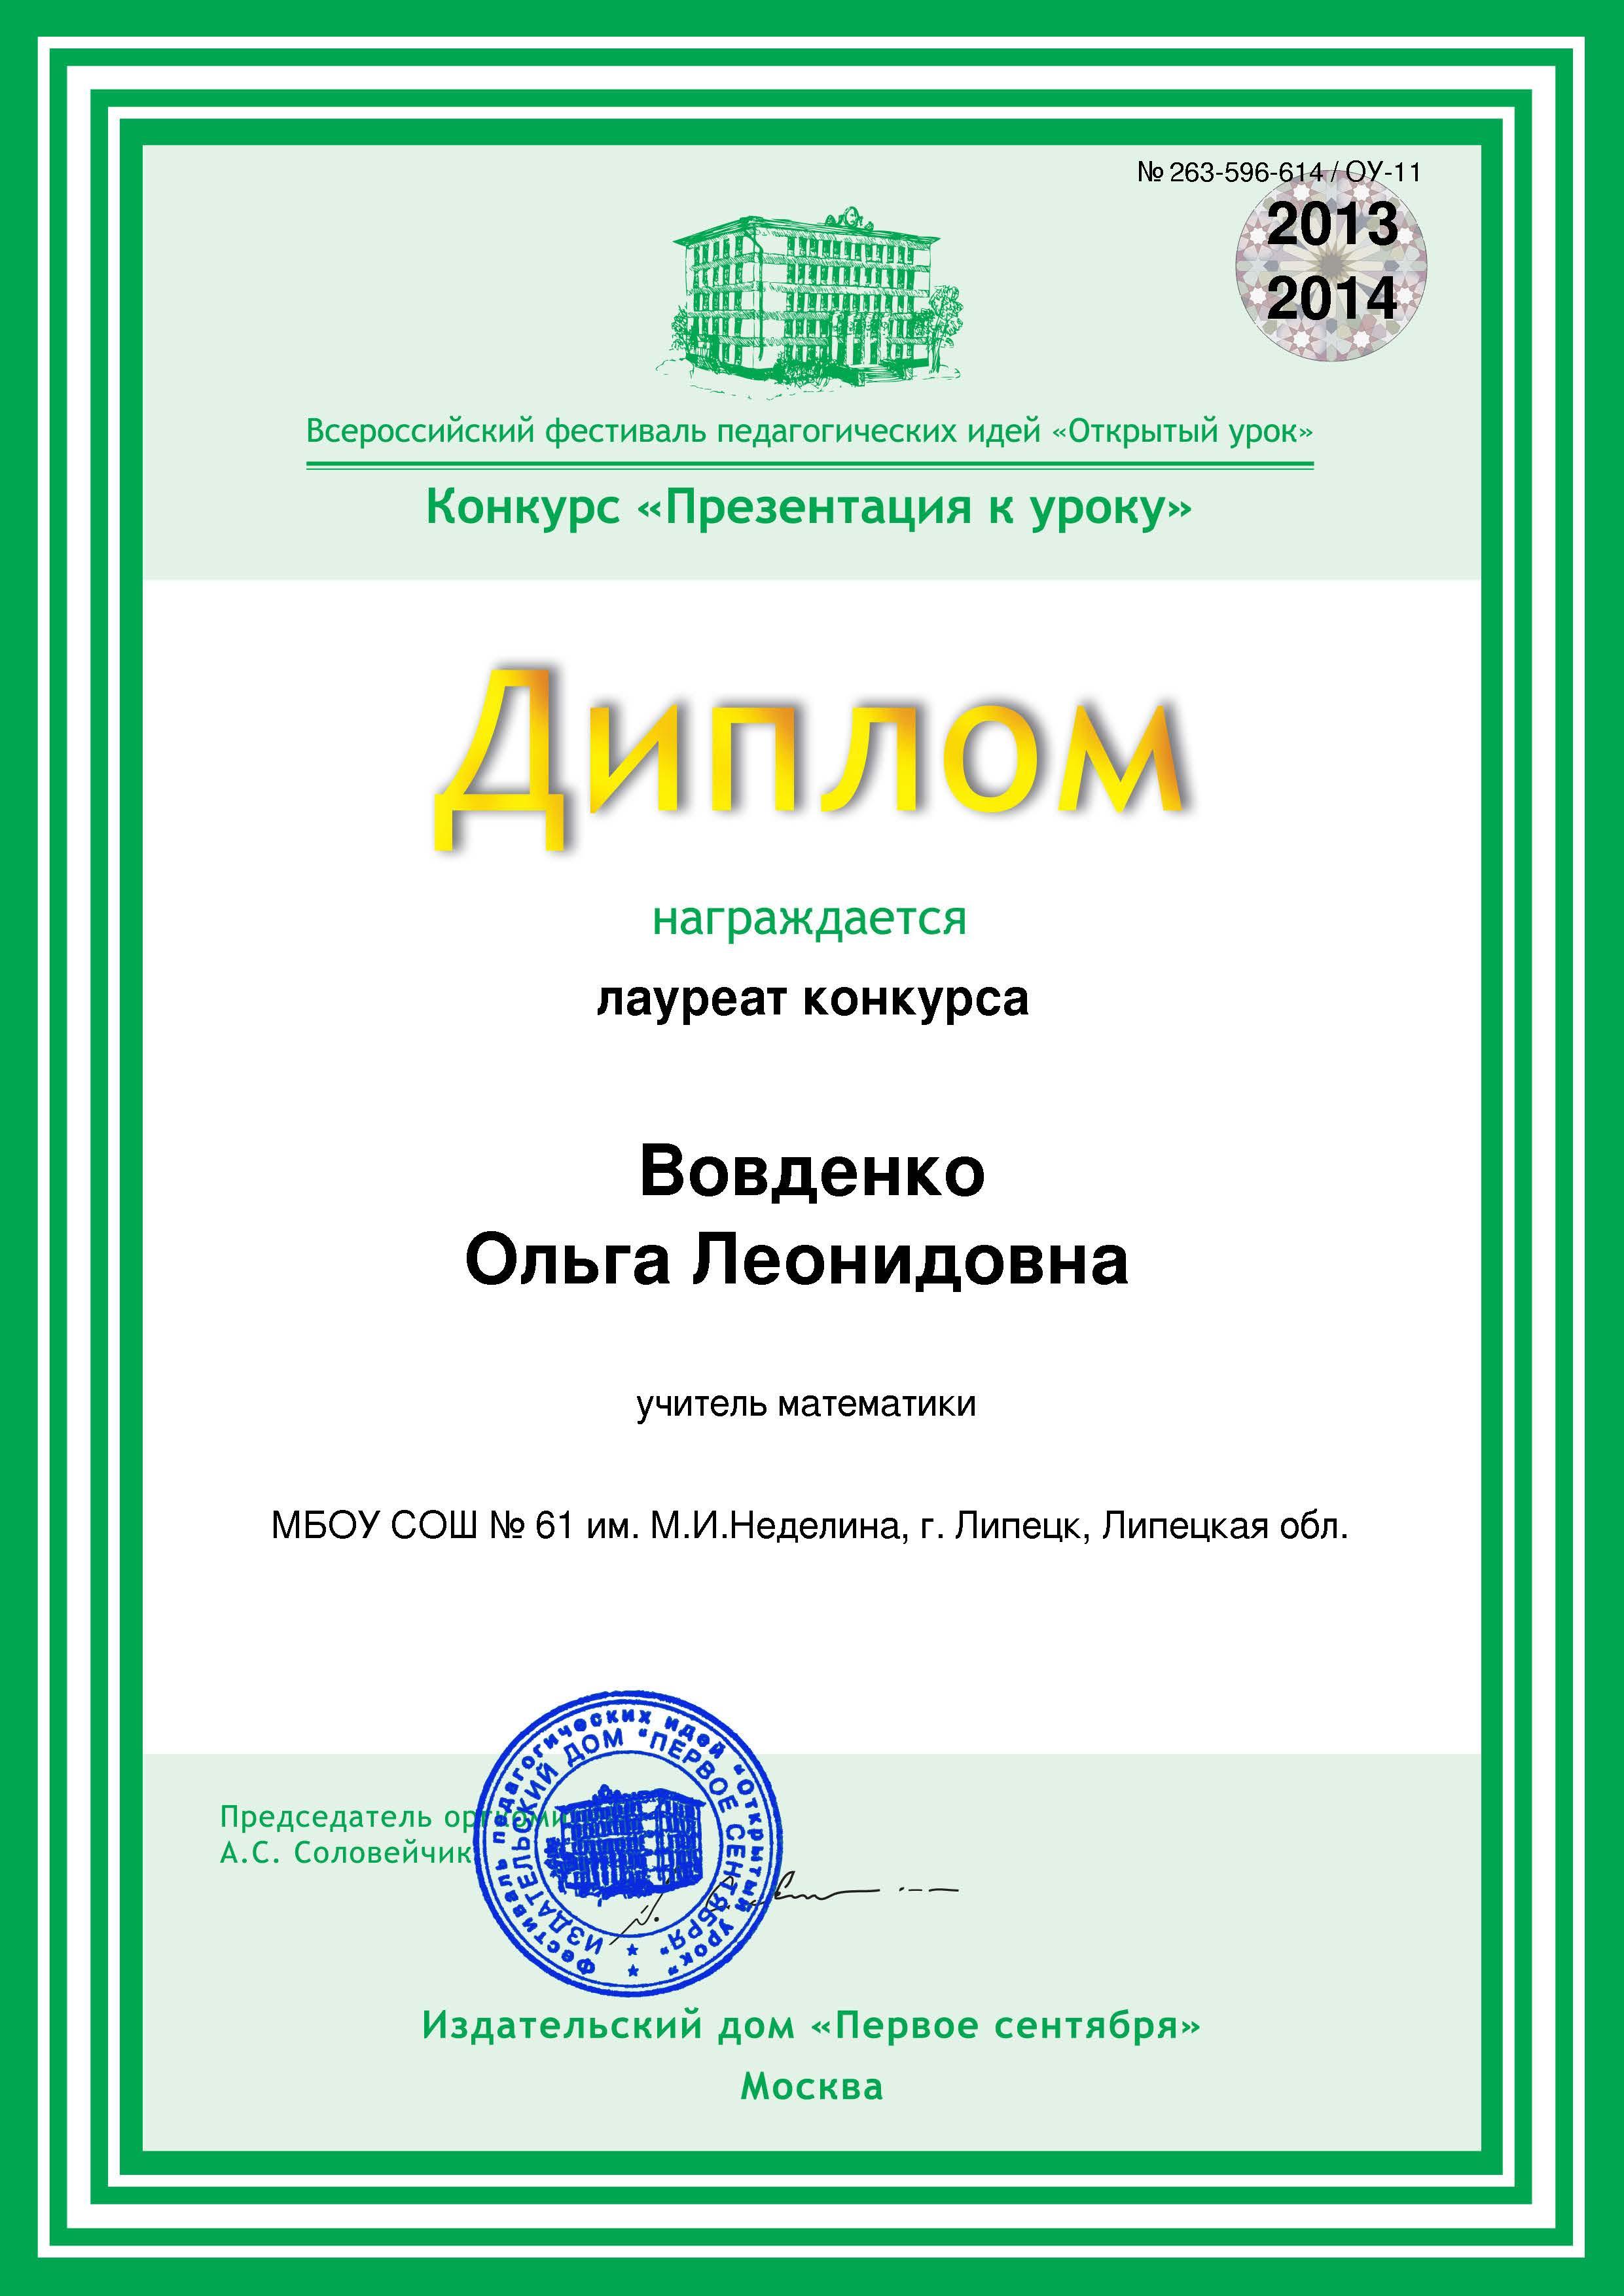 Педагогический русский конкурс